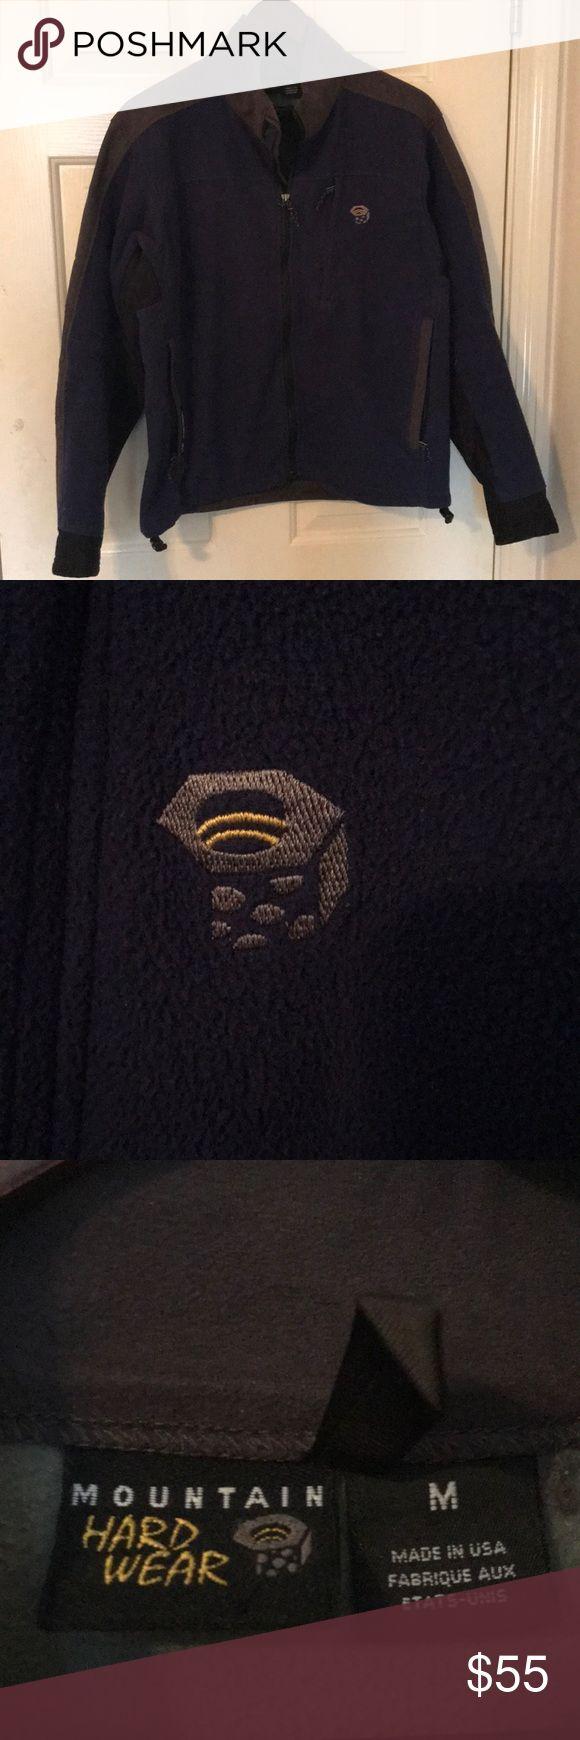 Men's Mountain Hardwear gore windstopper Amazing condition. Gore windstopper fleece combo jacket. Medium. Men's. Mountain Hardwear Jackets & Coats Windbreakers